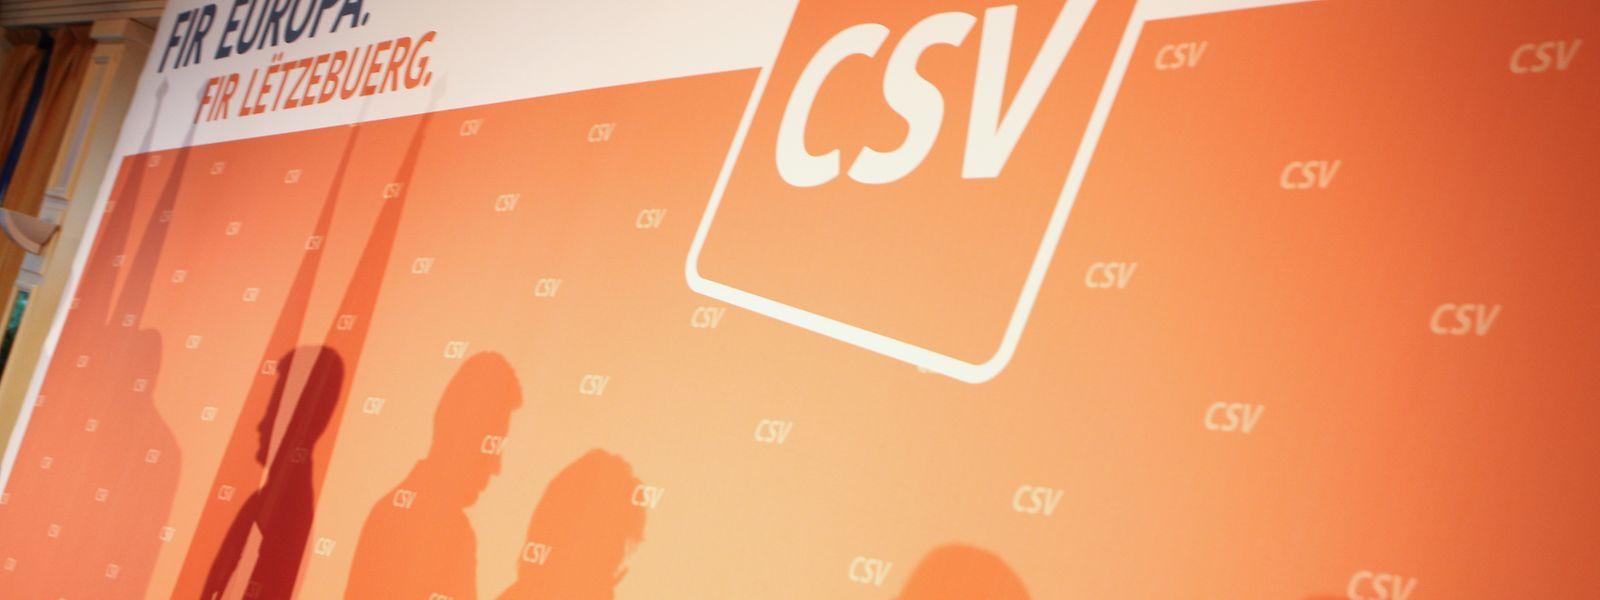 Spätestens am 9. April, wenn die Frist für die Bewerbungen abläuft, steht fest, wer sich die Erneuerung der CSV zutraut.